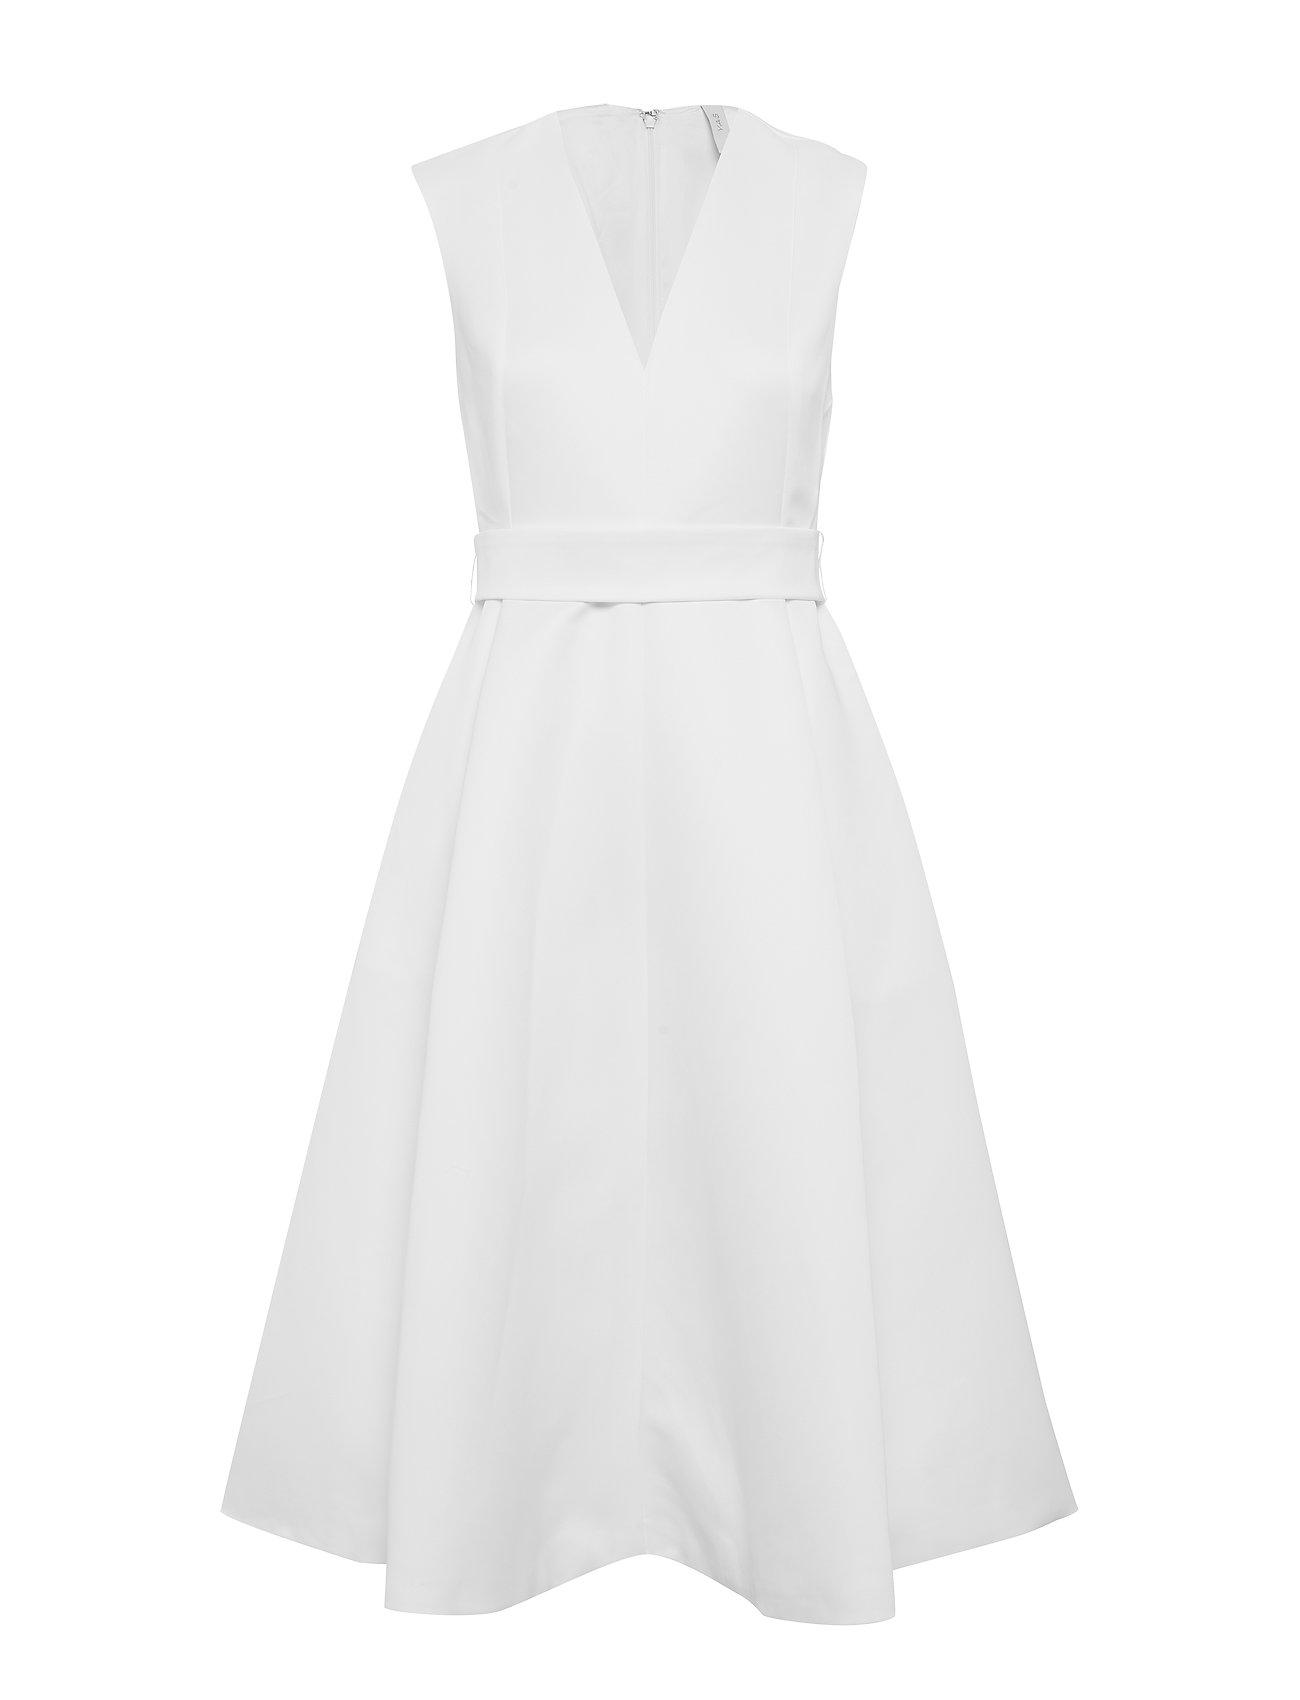 YAS Yasalice Sl Midi Dress - Celeb (Star White) 689 kr   Stort utbud av designermärken QbBHXFfT